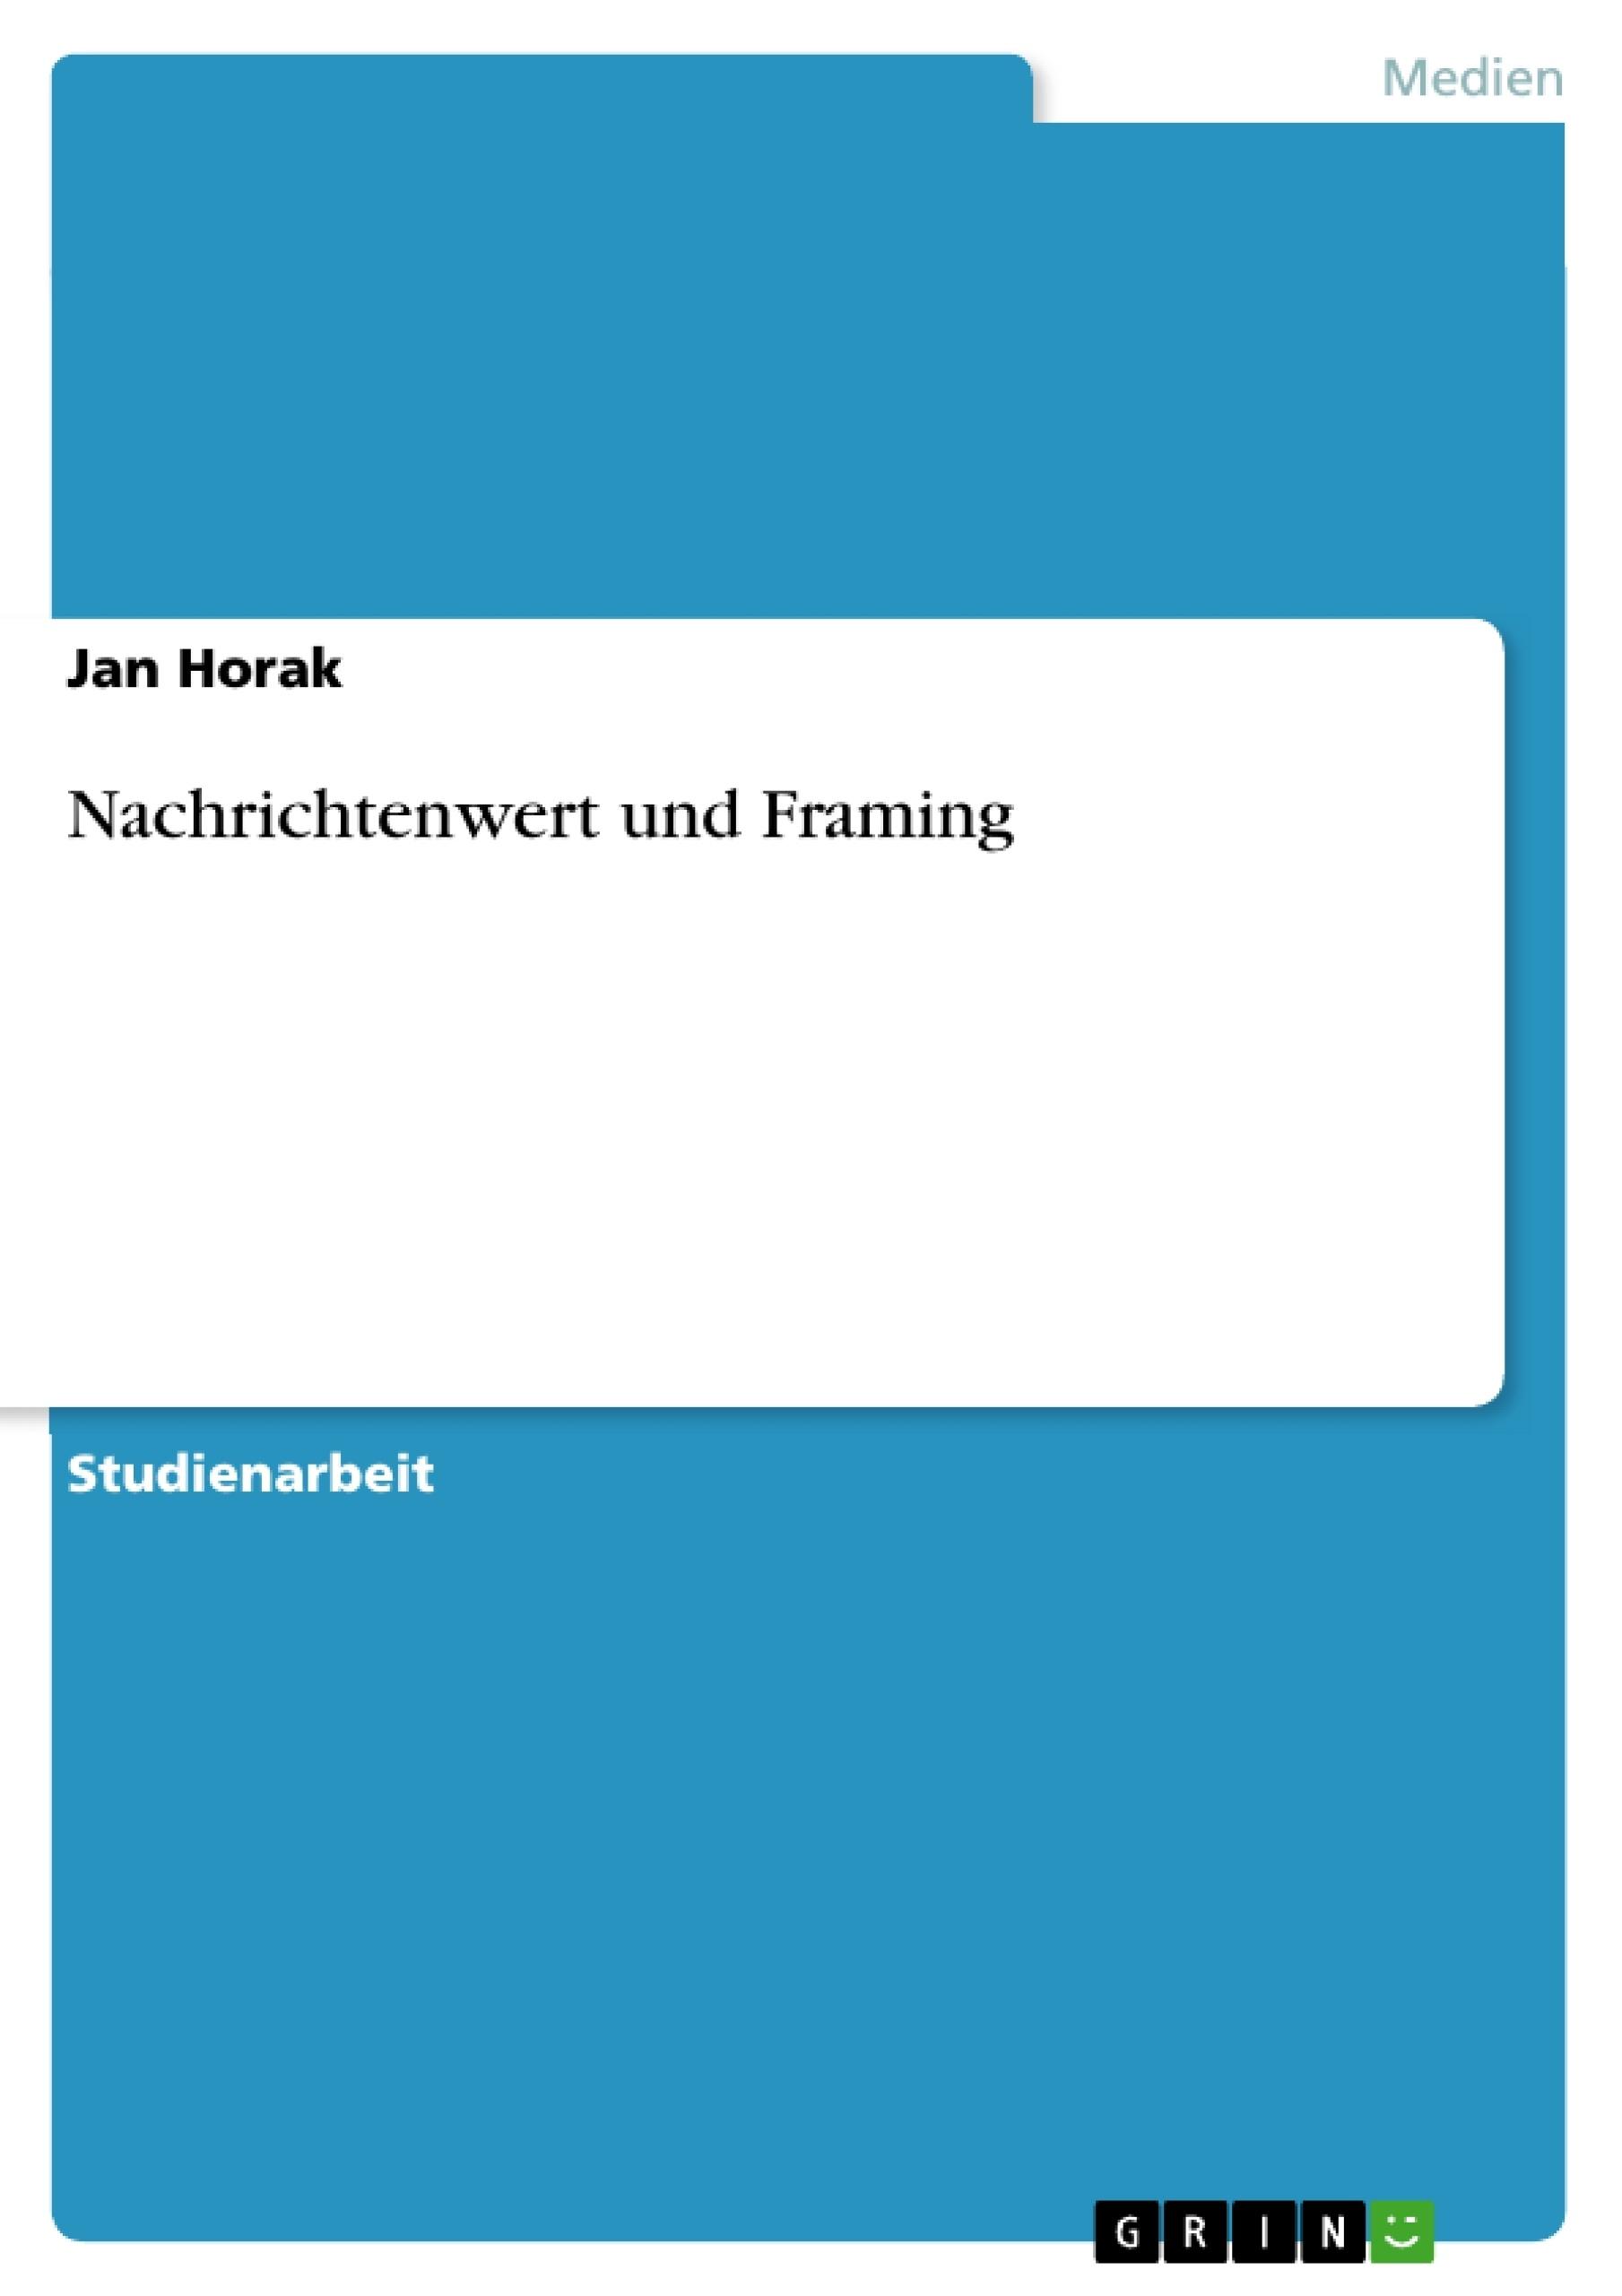 Nachrichtenwert und Framing | Masterarbeit, Hausarbeit ...